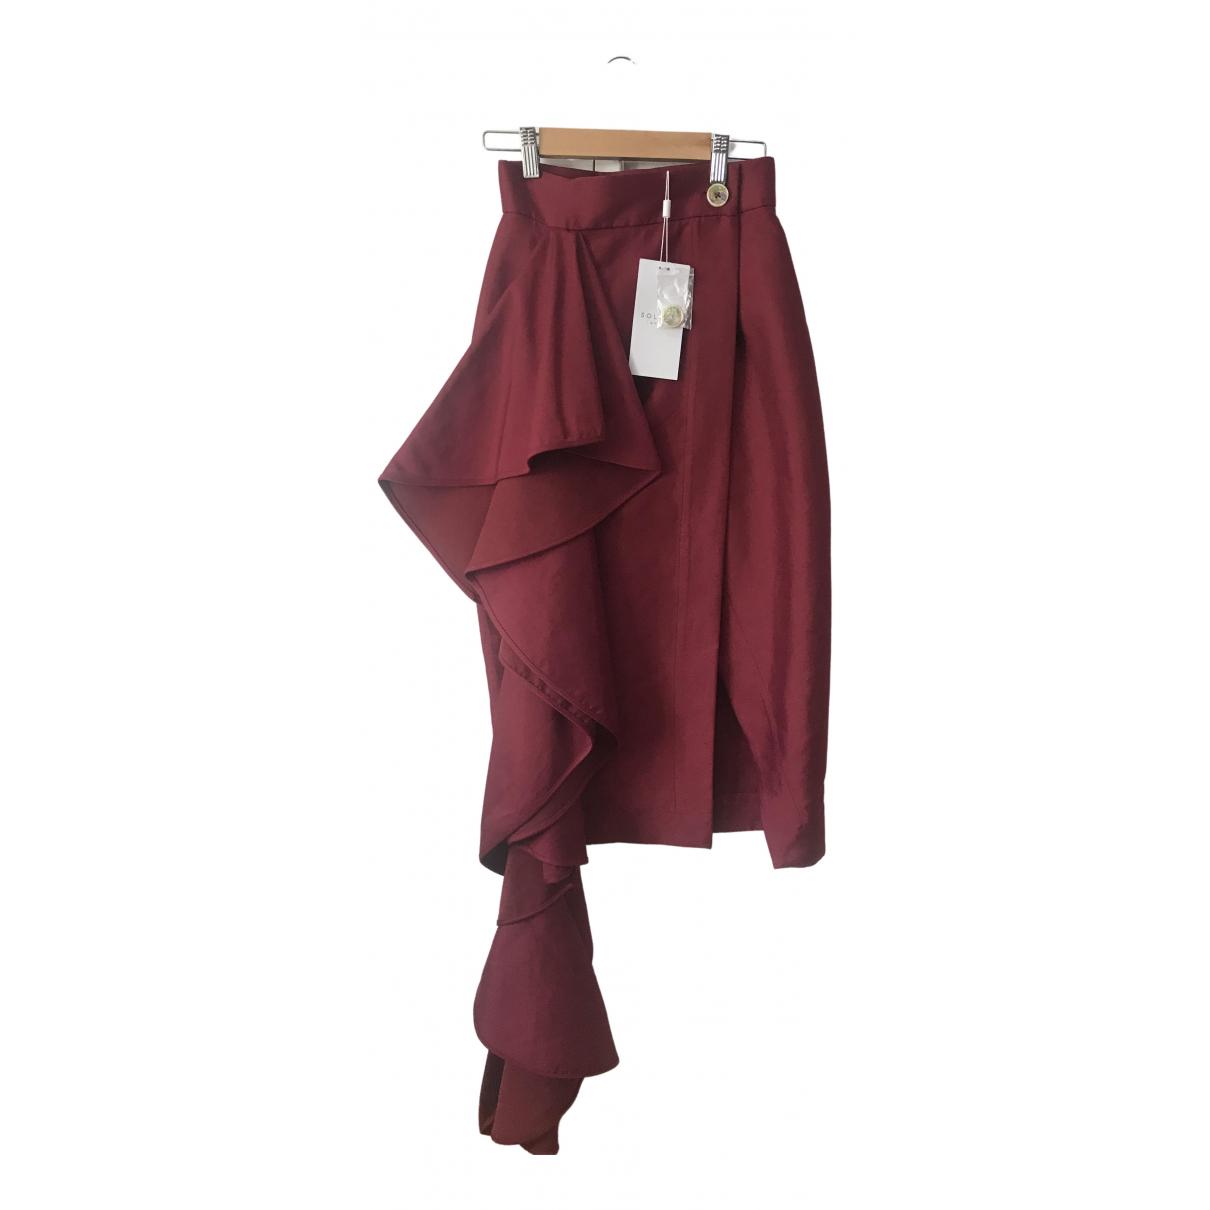 Solace London \N Burgundy skirt for Women 4 UK